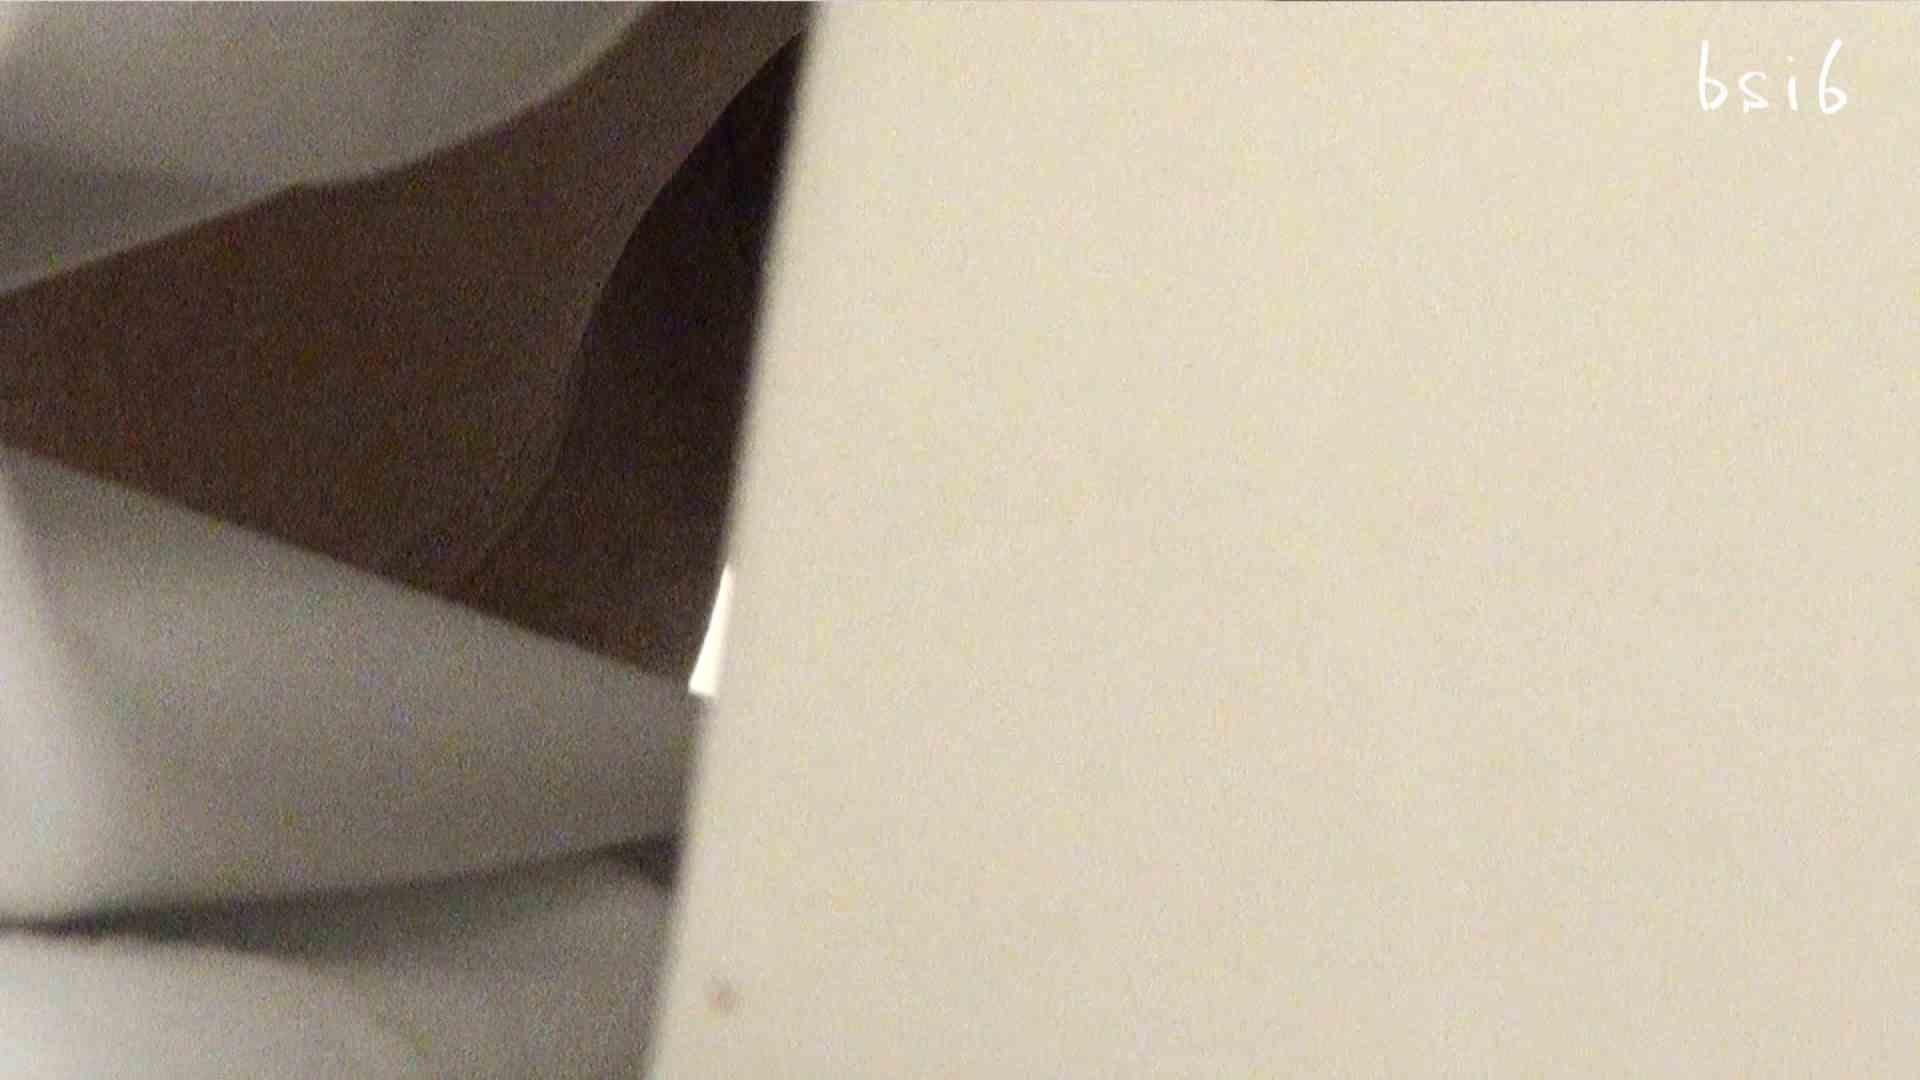 至高下半身盗撮-PREMIUM-【院内病棟編 】VOL6 盗撮で悶絶 | リベンジ  66画像 5